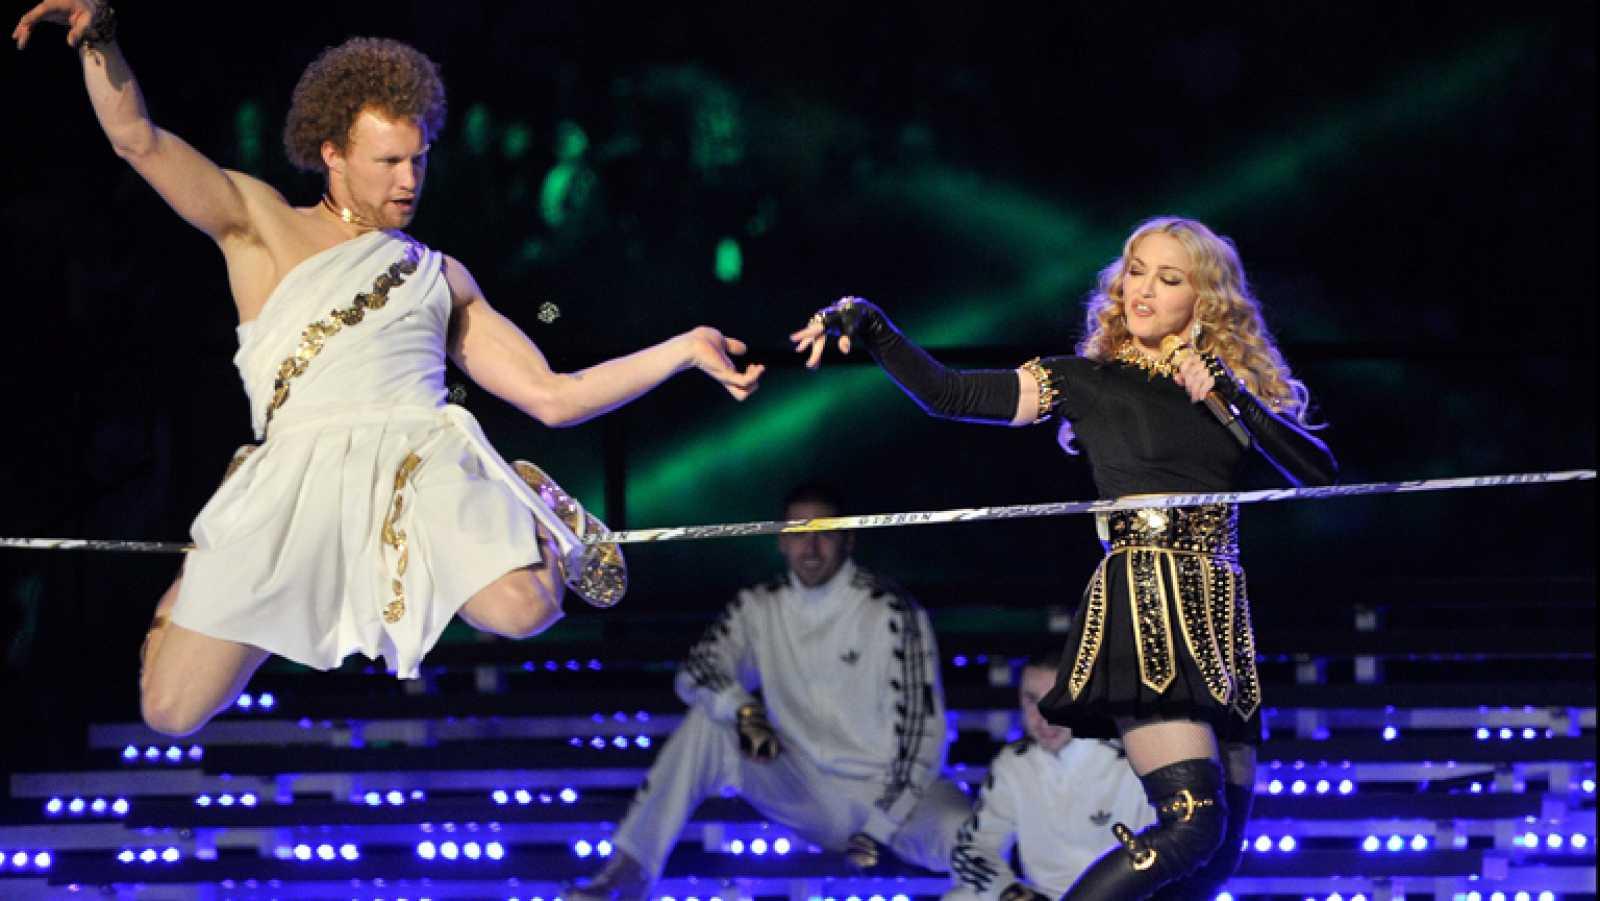 La espectacular actuación de Madonna en la final de la Super Bowl ...